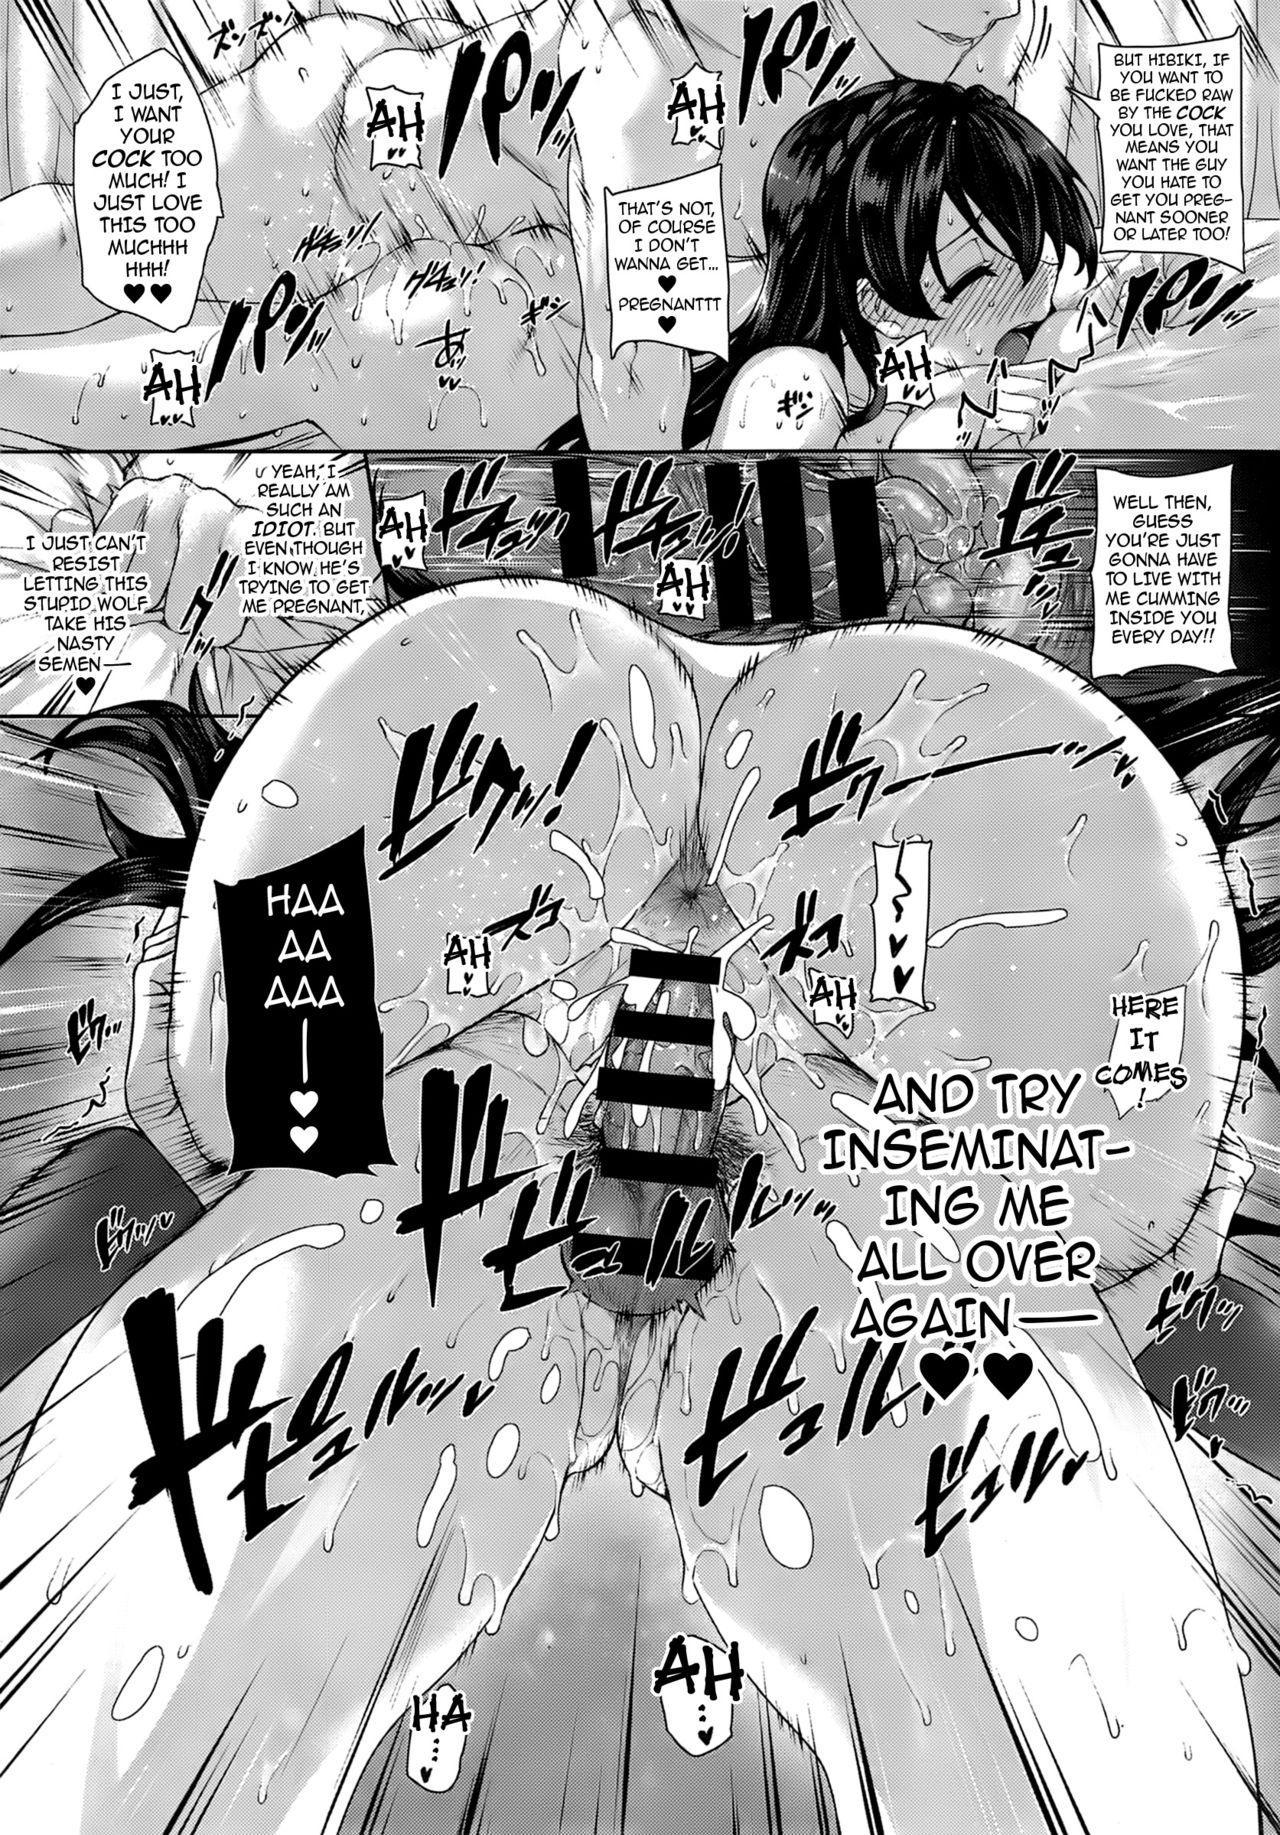 [Katsurai Yoshiaki] Amatsuka Gakuen no Ryoukan Seikatsu | Angel Academy's Hardcore Dorm Sex Life 1-2, 3.5-5 [English] {darknight} [Digital] 28